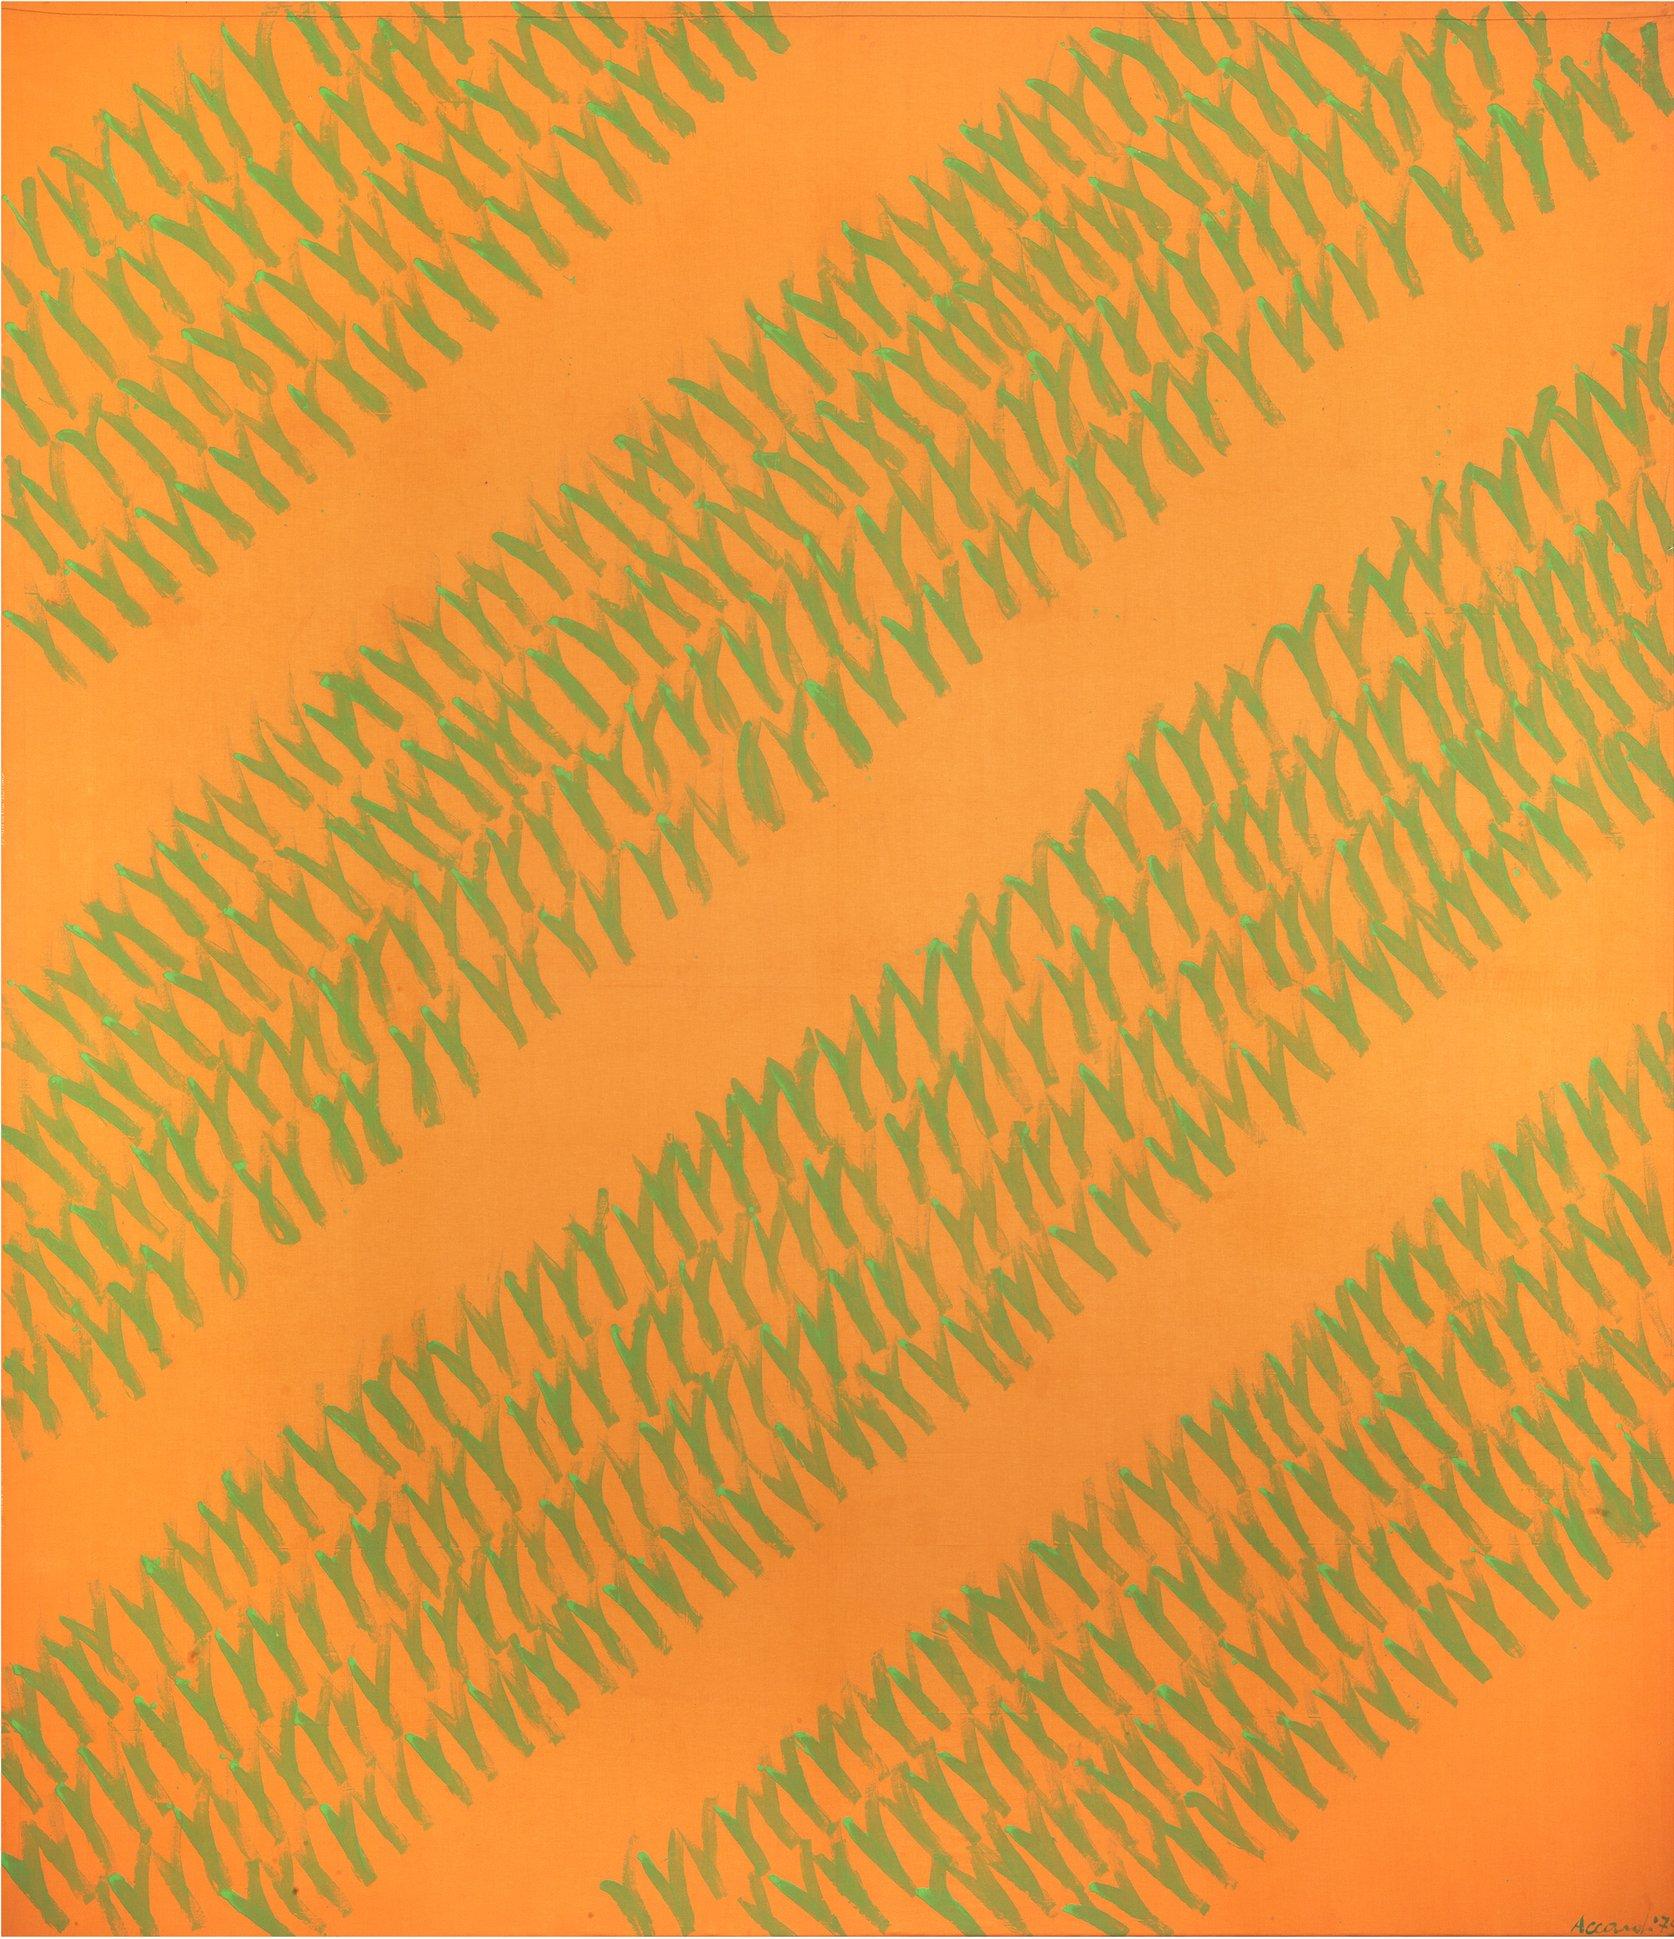 Accardi, Arancioverde (Lenzuolo), 1972-76, 280x230 cm